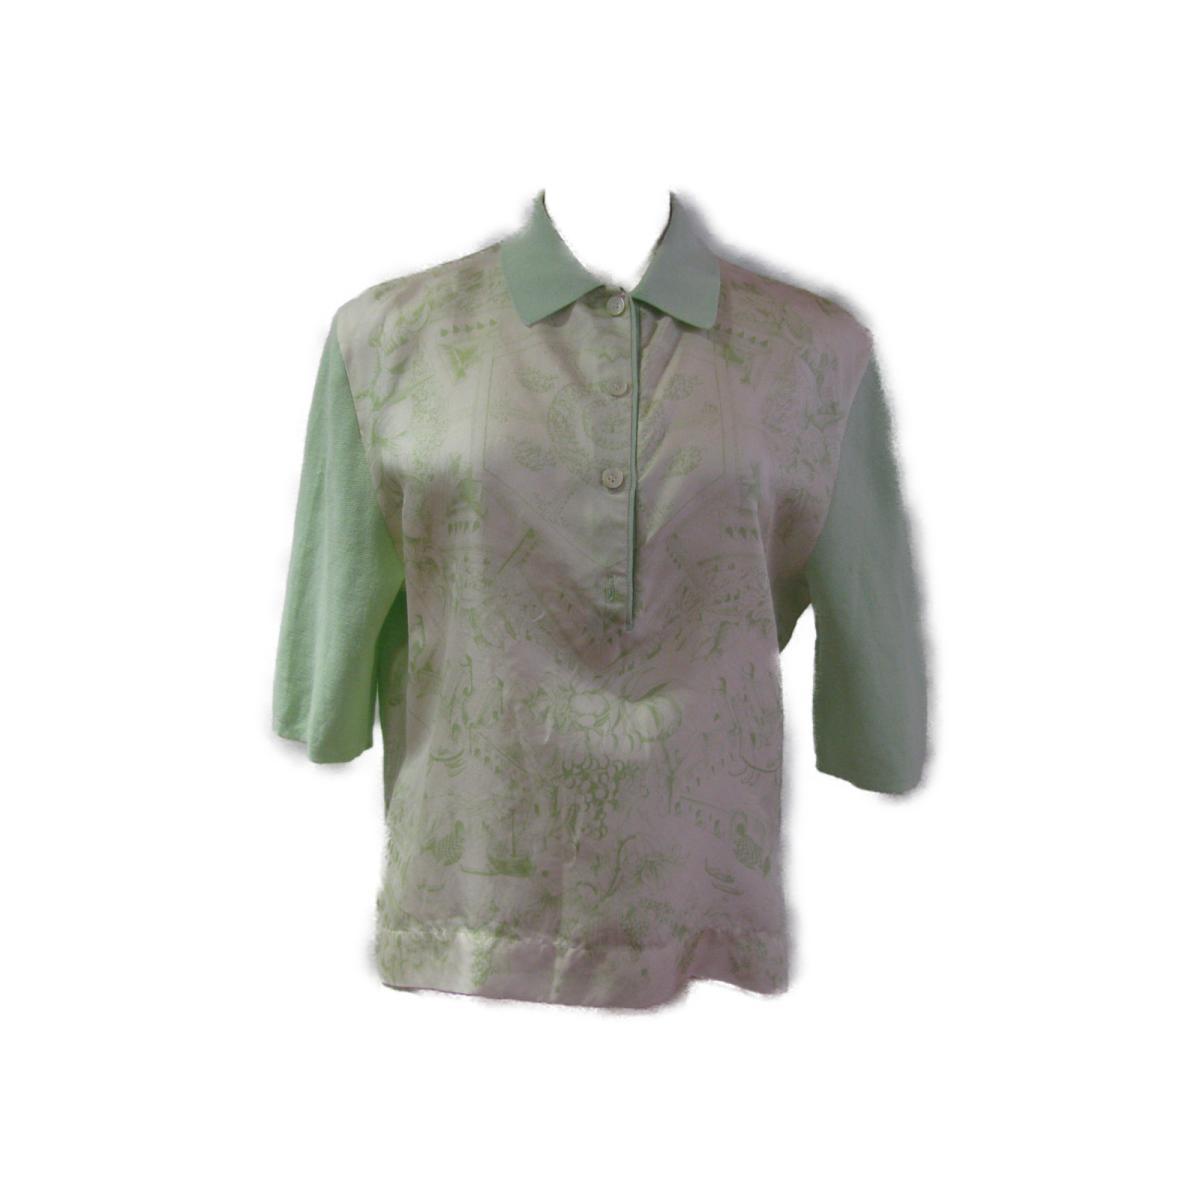 【中古】エルメス ポロシャツ レディース シルク x コットン ライトグリーン